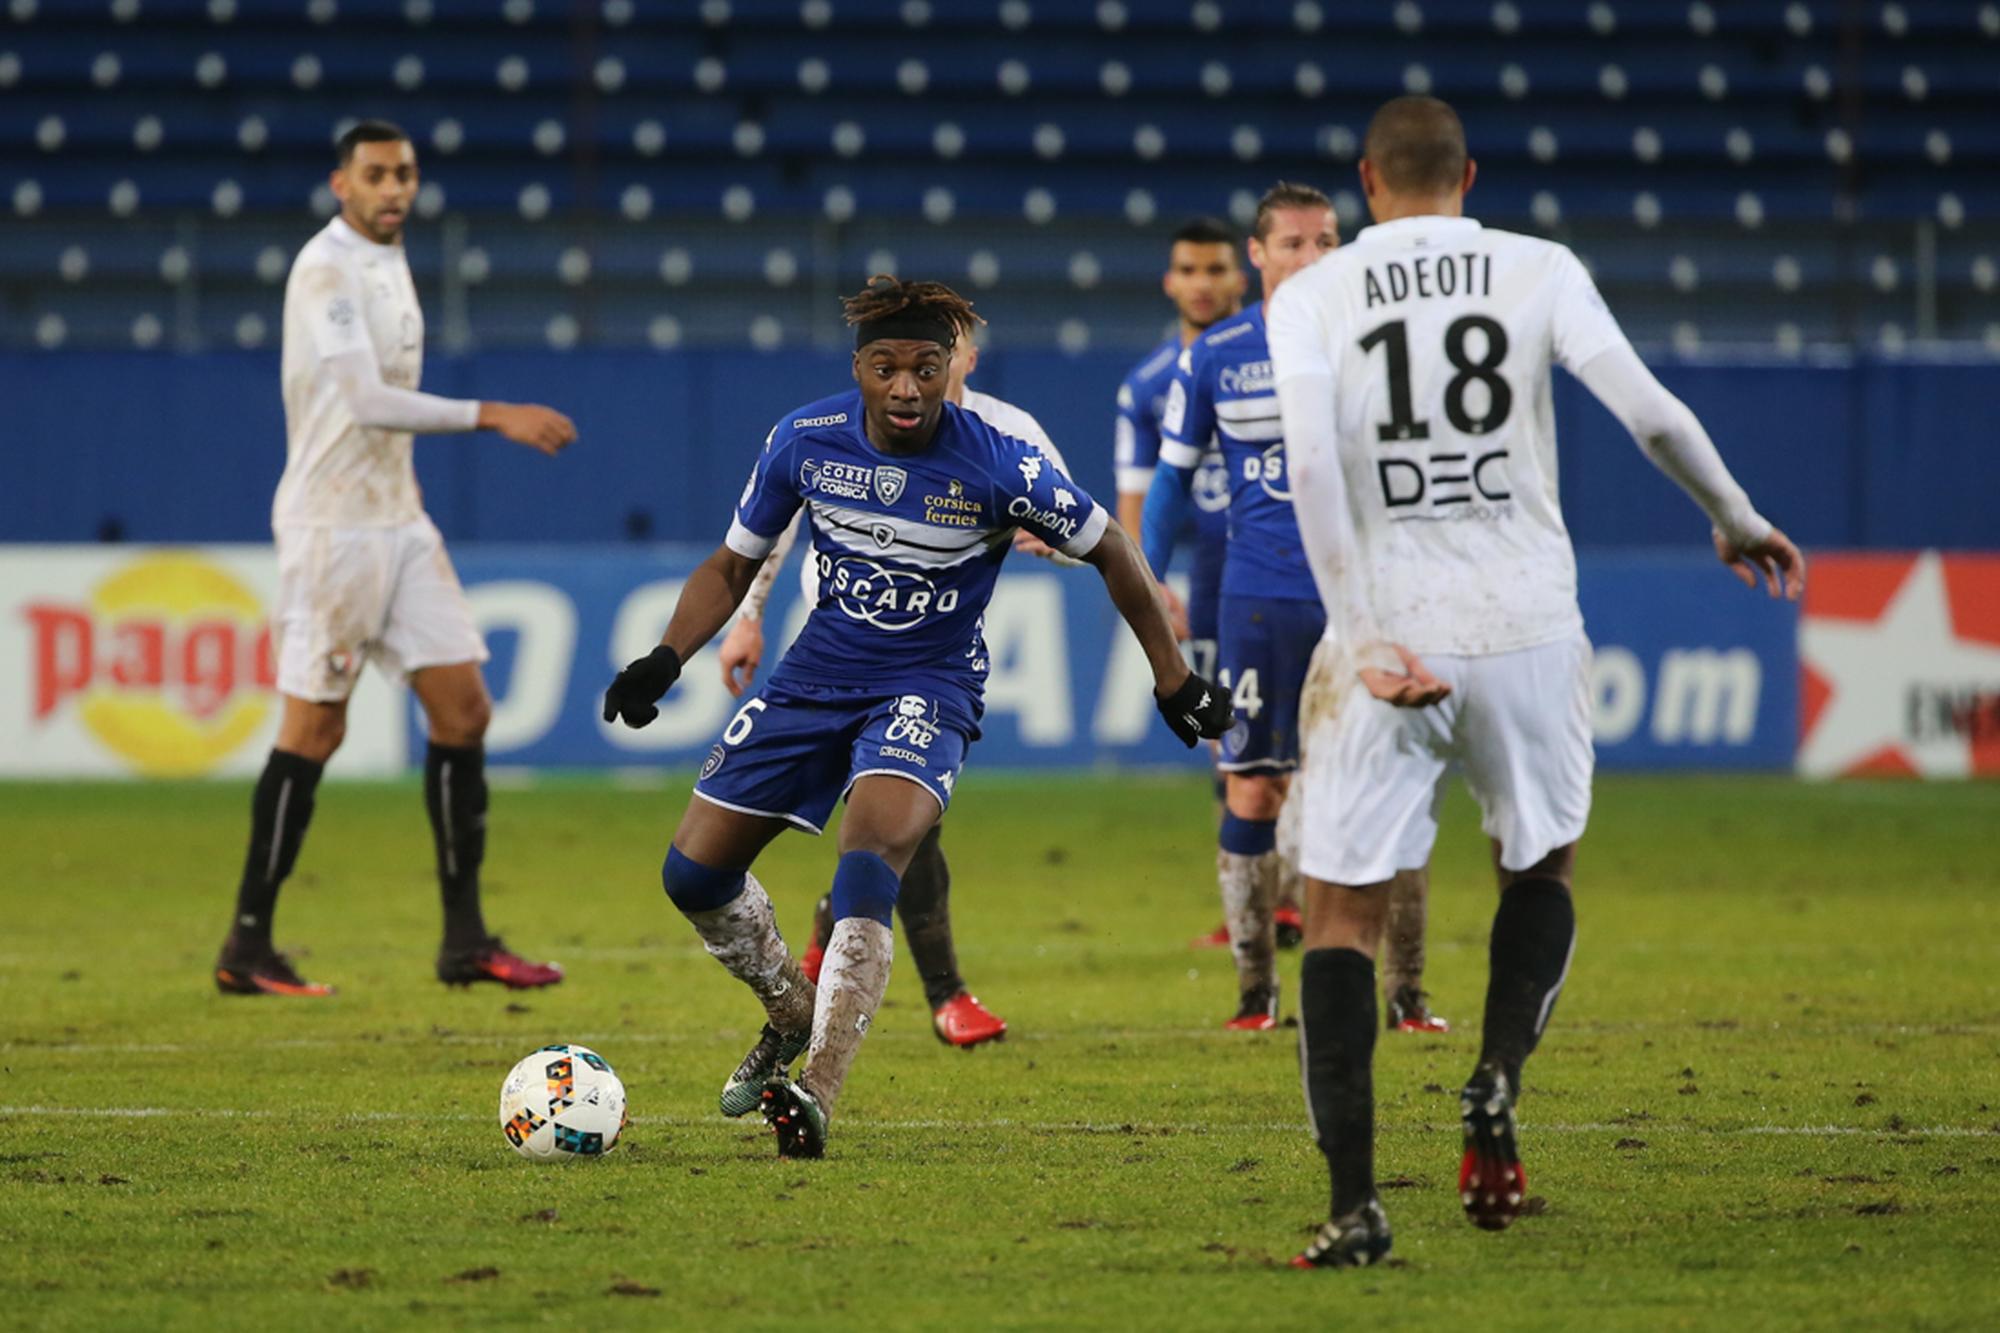 Bastia - Caen